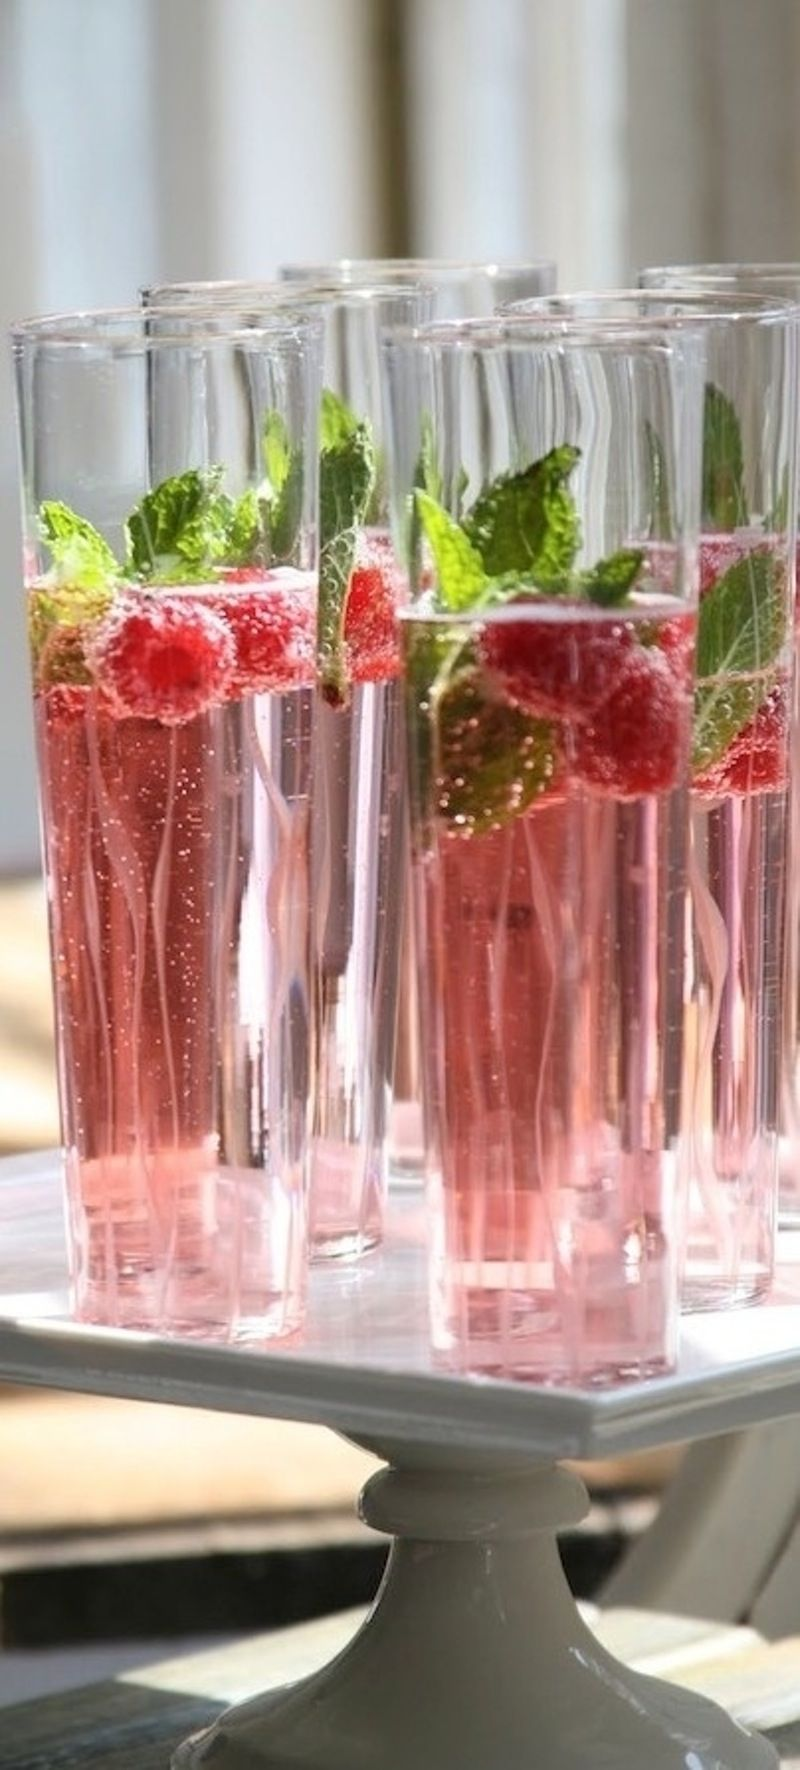 Cocktail Engagement Party Ideas Part - 24: 7 #Super Fun Engagement #Party Ideas ... ? #Wedding #Request